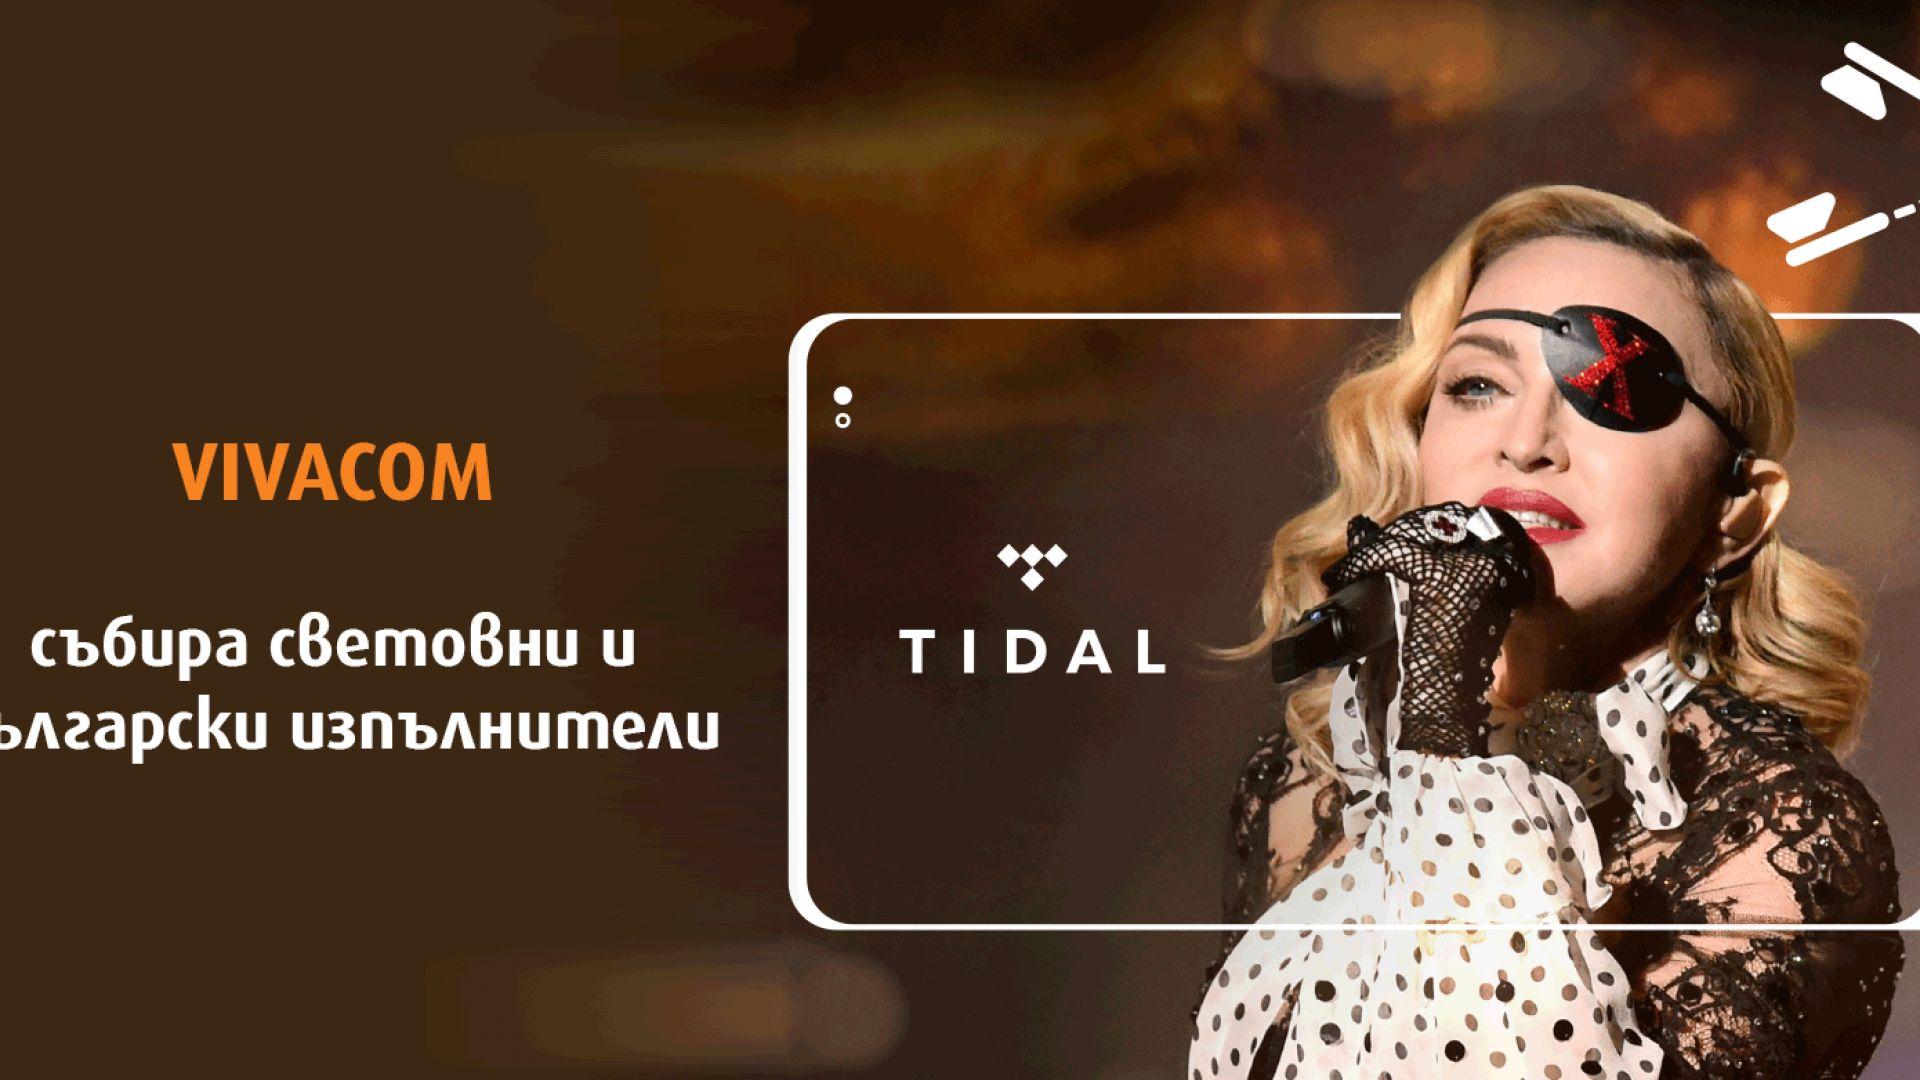 Световната музикална платформа TIDAL идва в България благодарение на VIVACOM